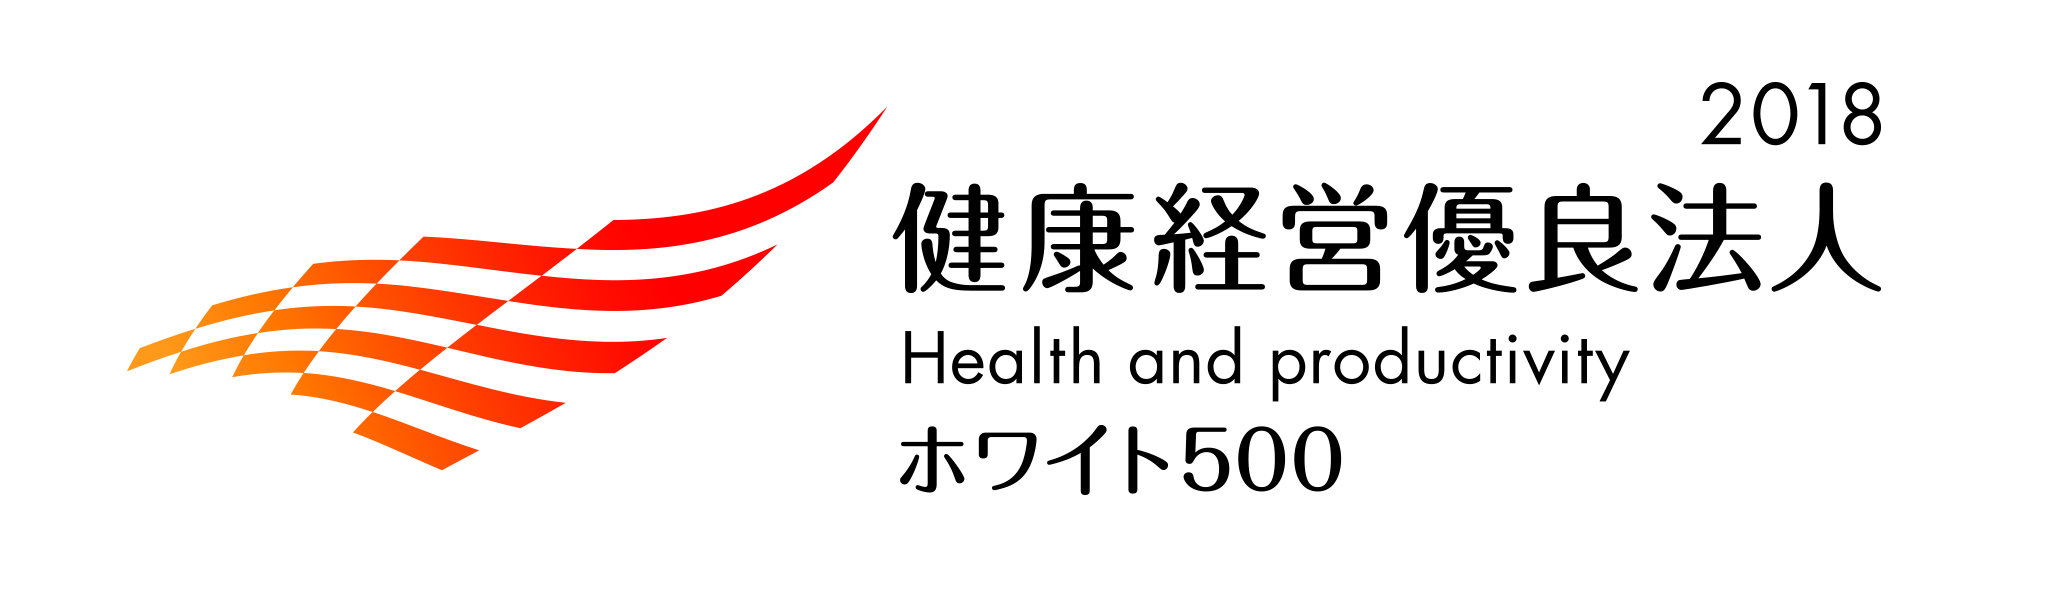 従業員にも健康で幸せな人生を提供 「健康経営優良法人2018」に認定